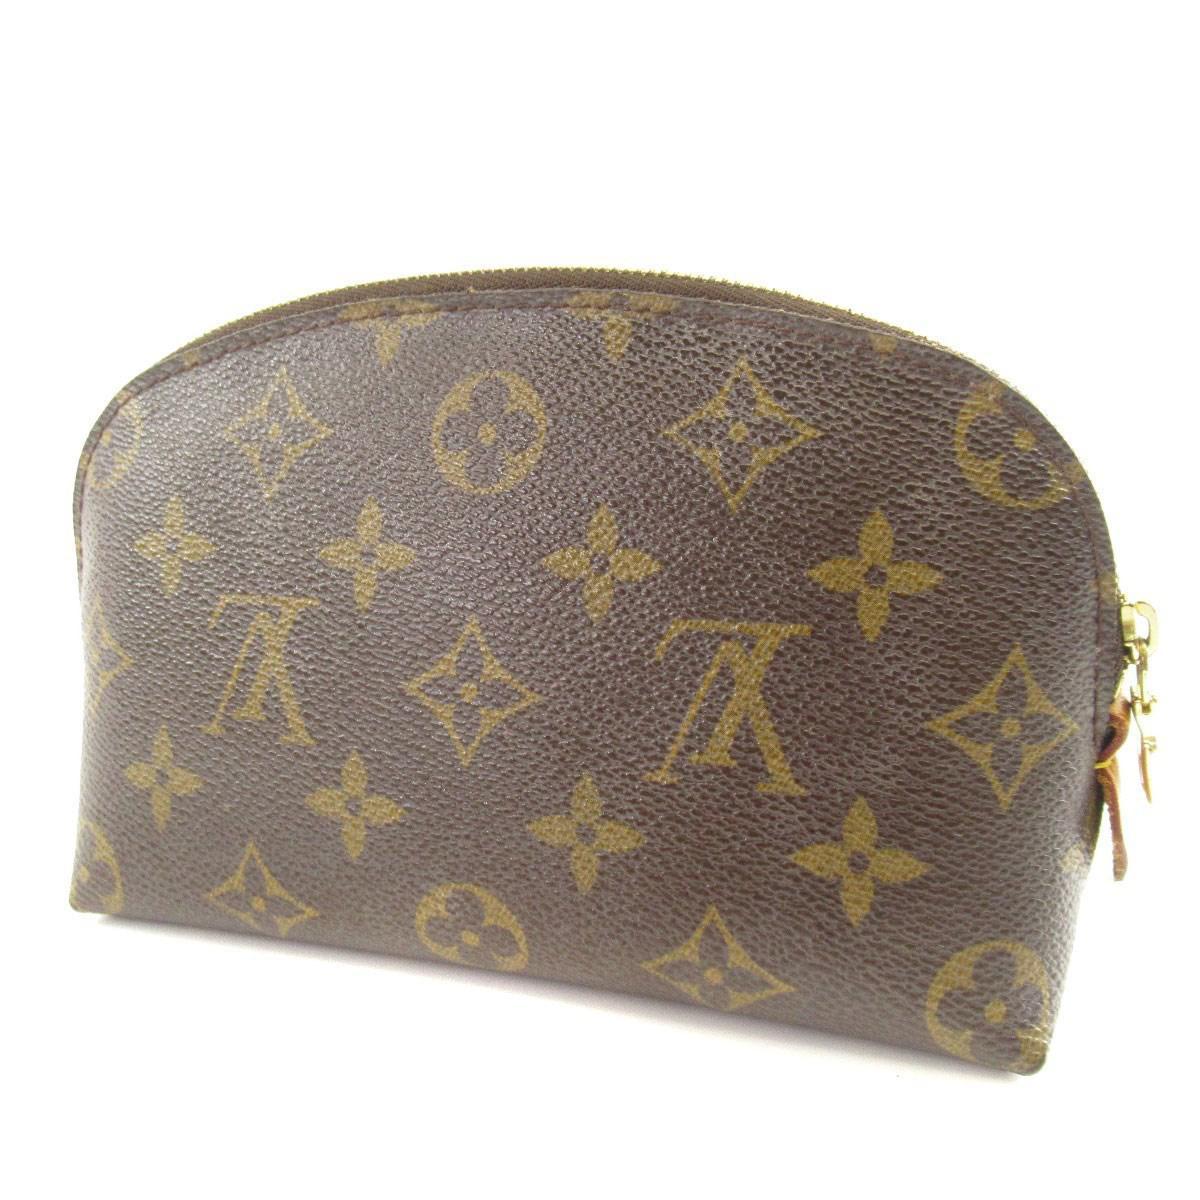 819ea716e0fa Lyst - Louis Vuitton Monogram Canvas Cosmetics Pouch M47520 Truth ...